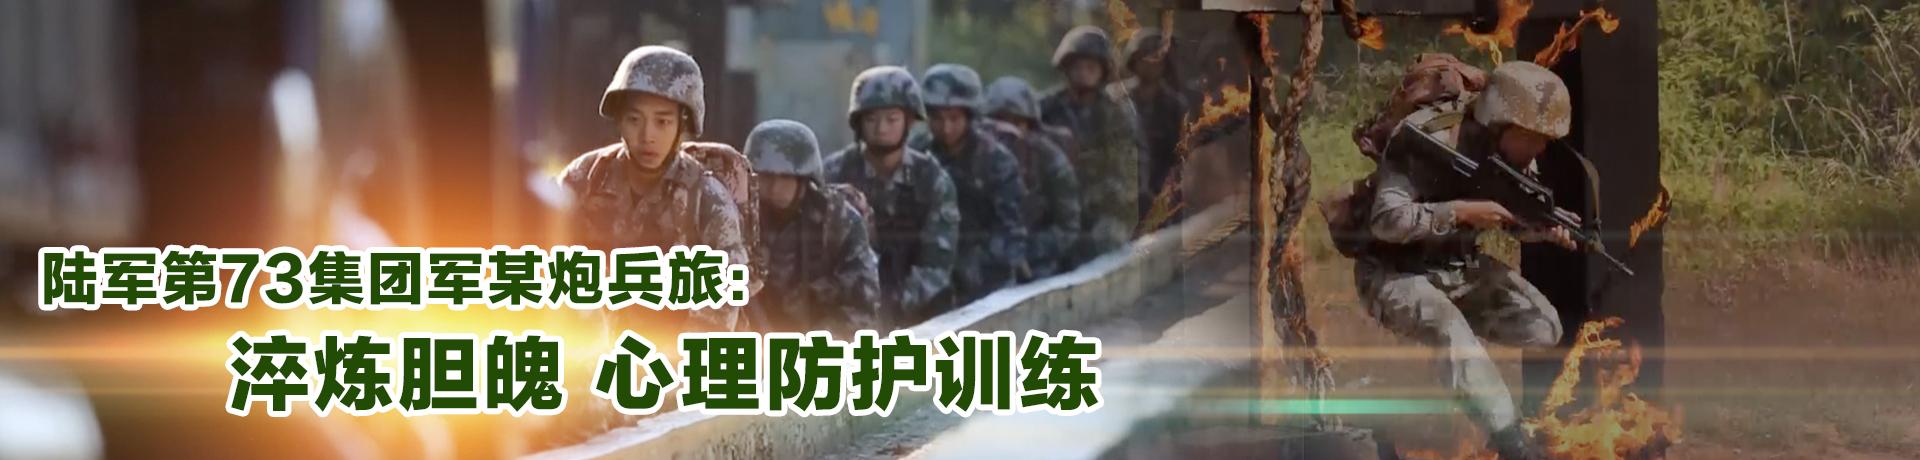 陆军第73集团军某炮兵旅:淬炼胆魄 心理防护训练